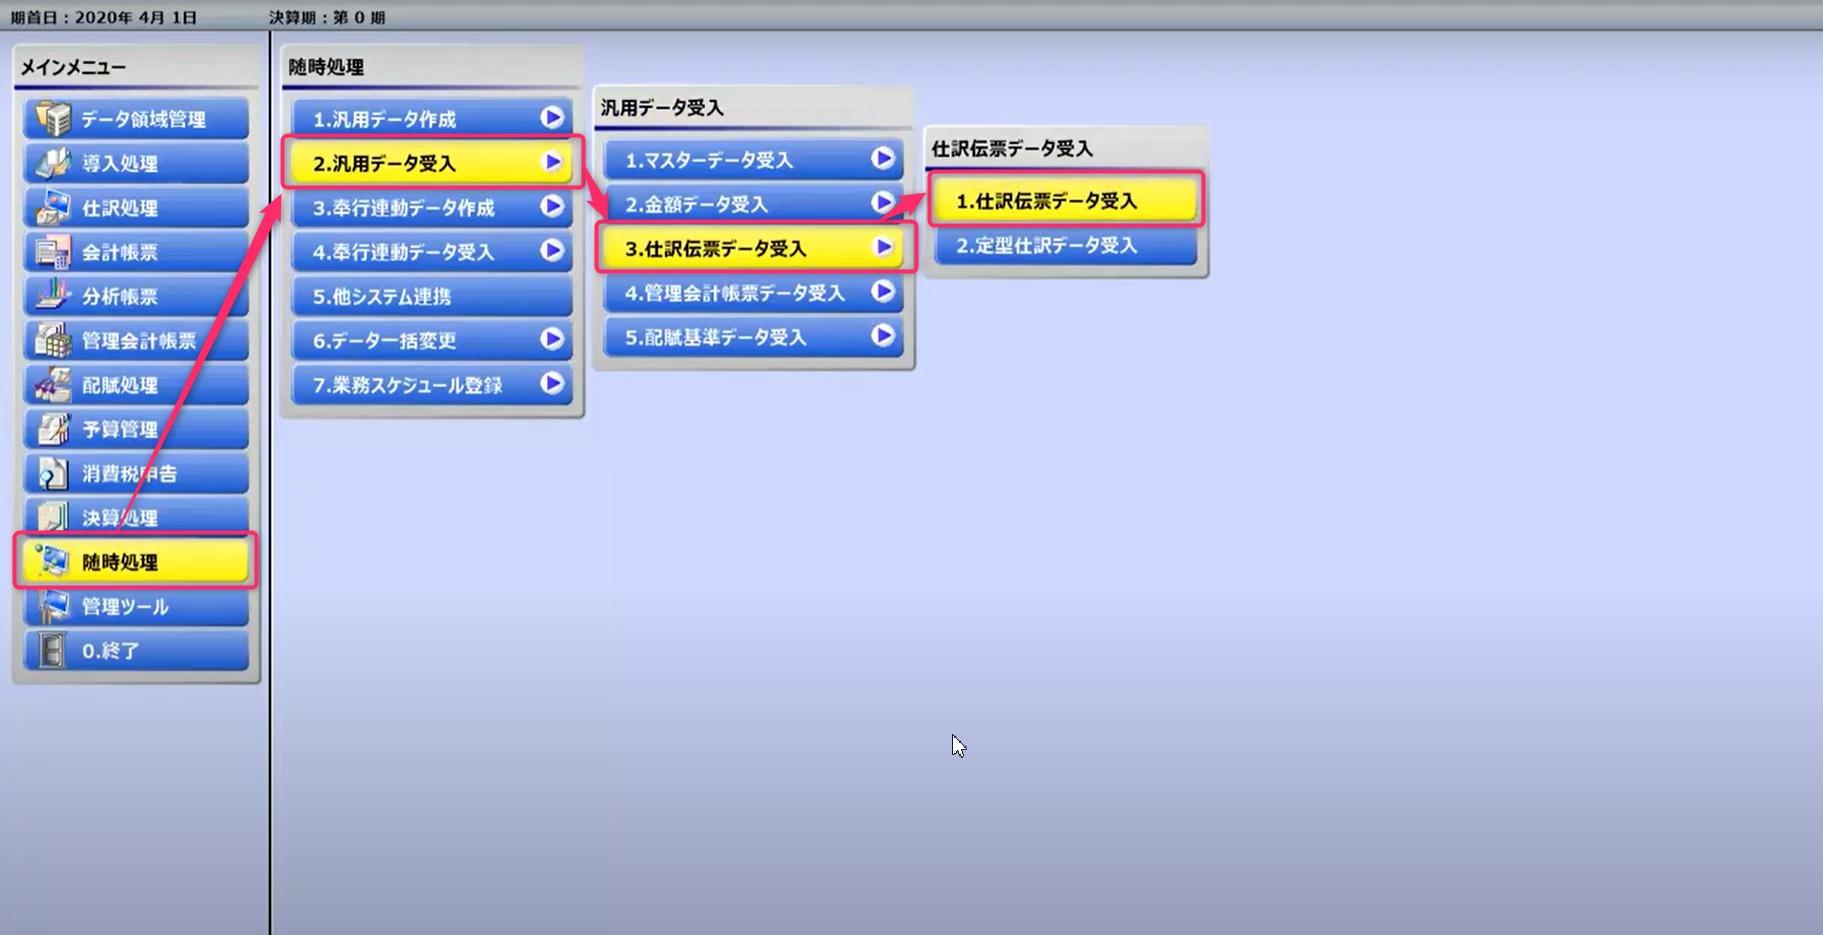 仕訳伝票データ受入画面の表示